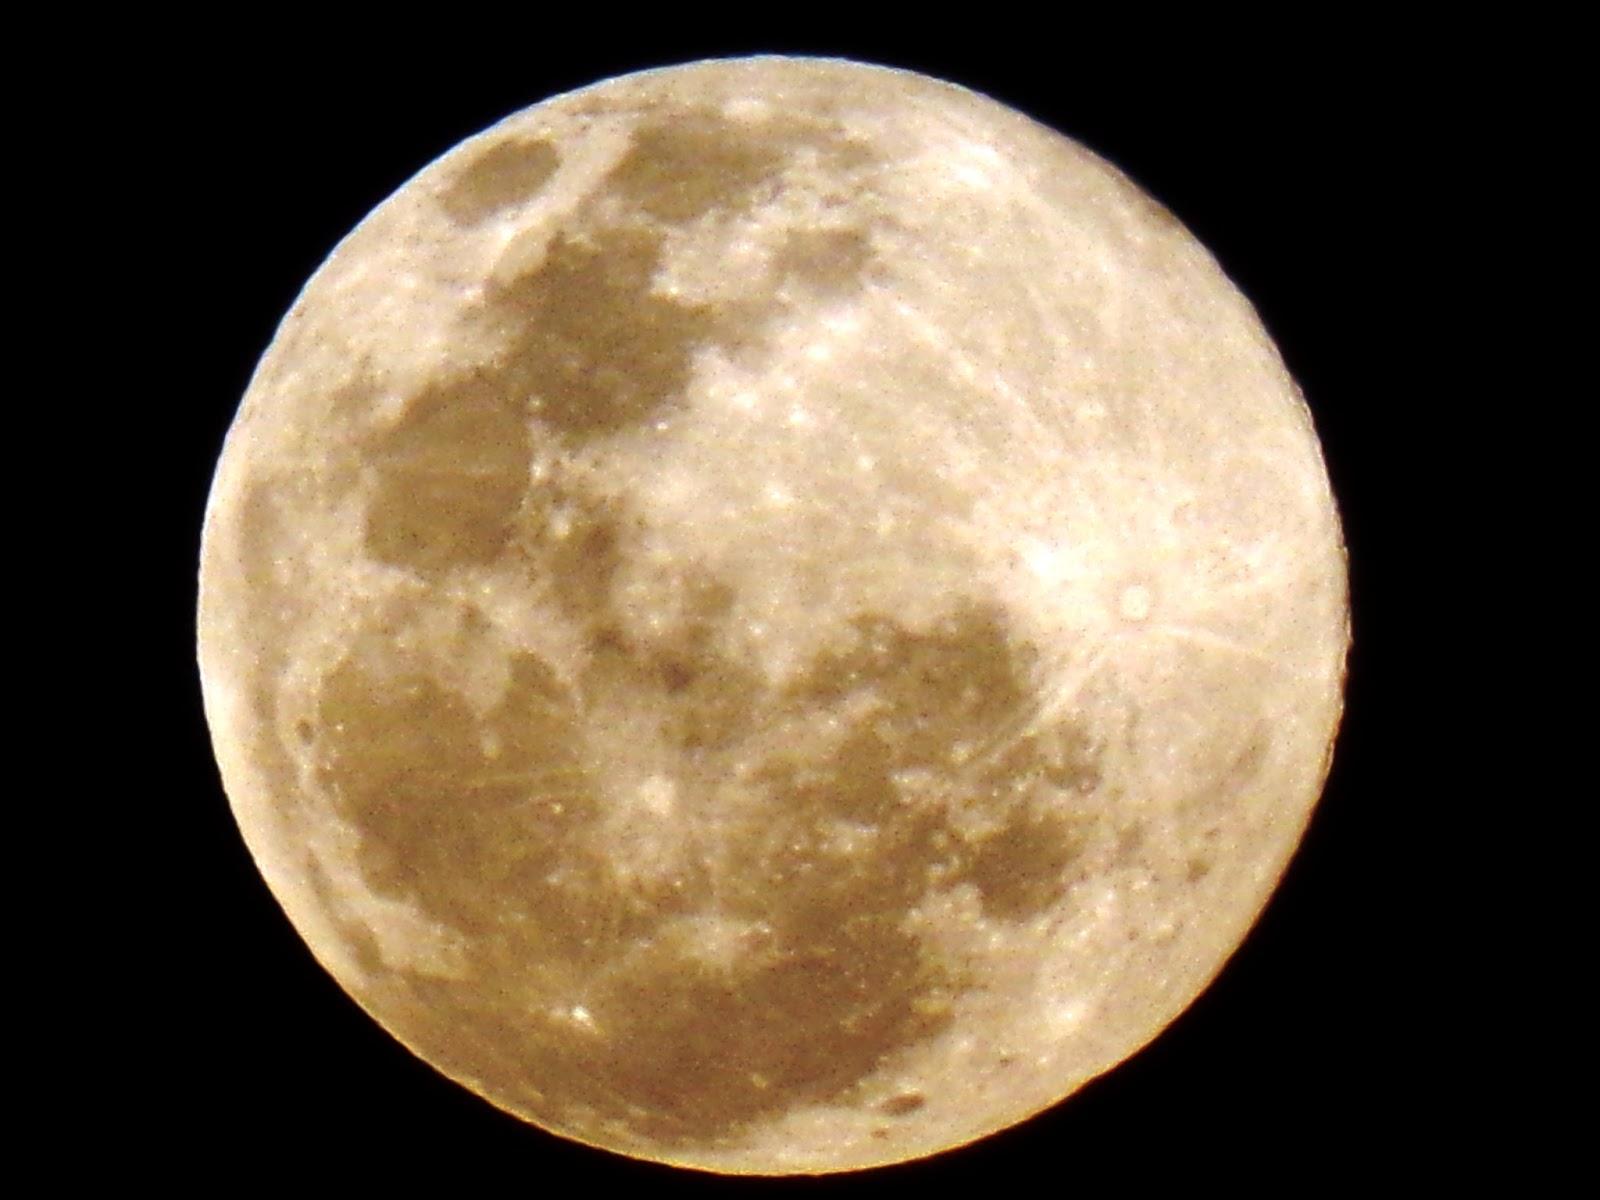 Lunas y luces luna 19 de julio 2016 luna llena 18 hs 47 for Cambio lunar julio 2016